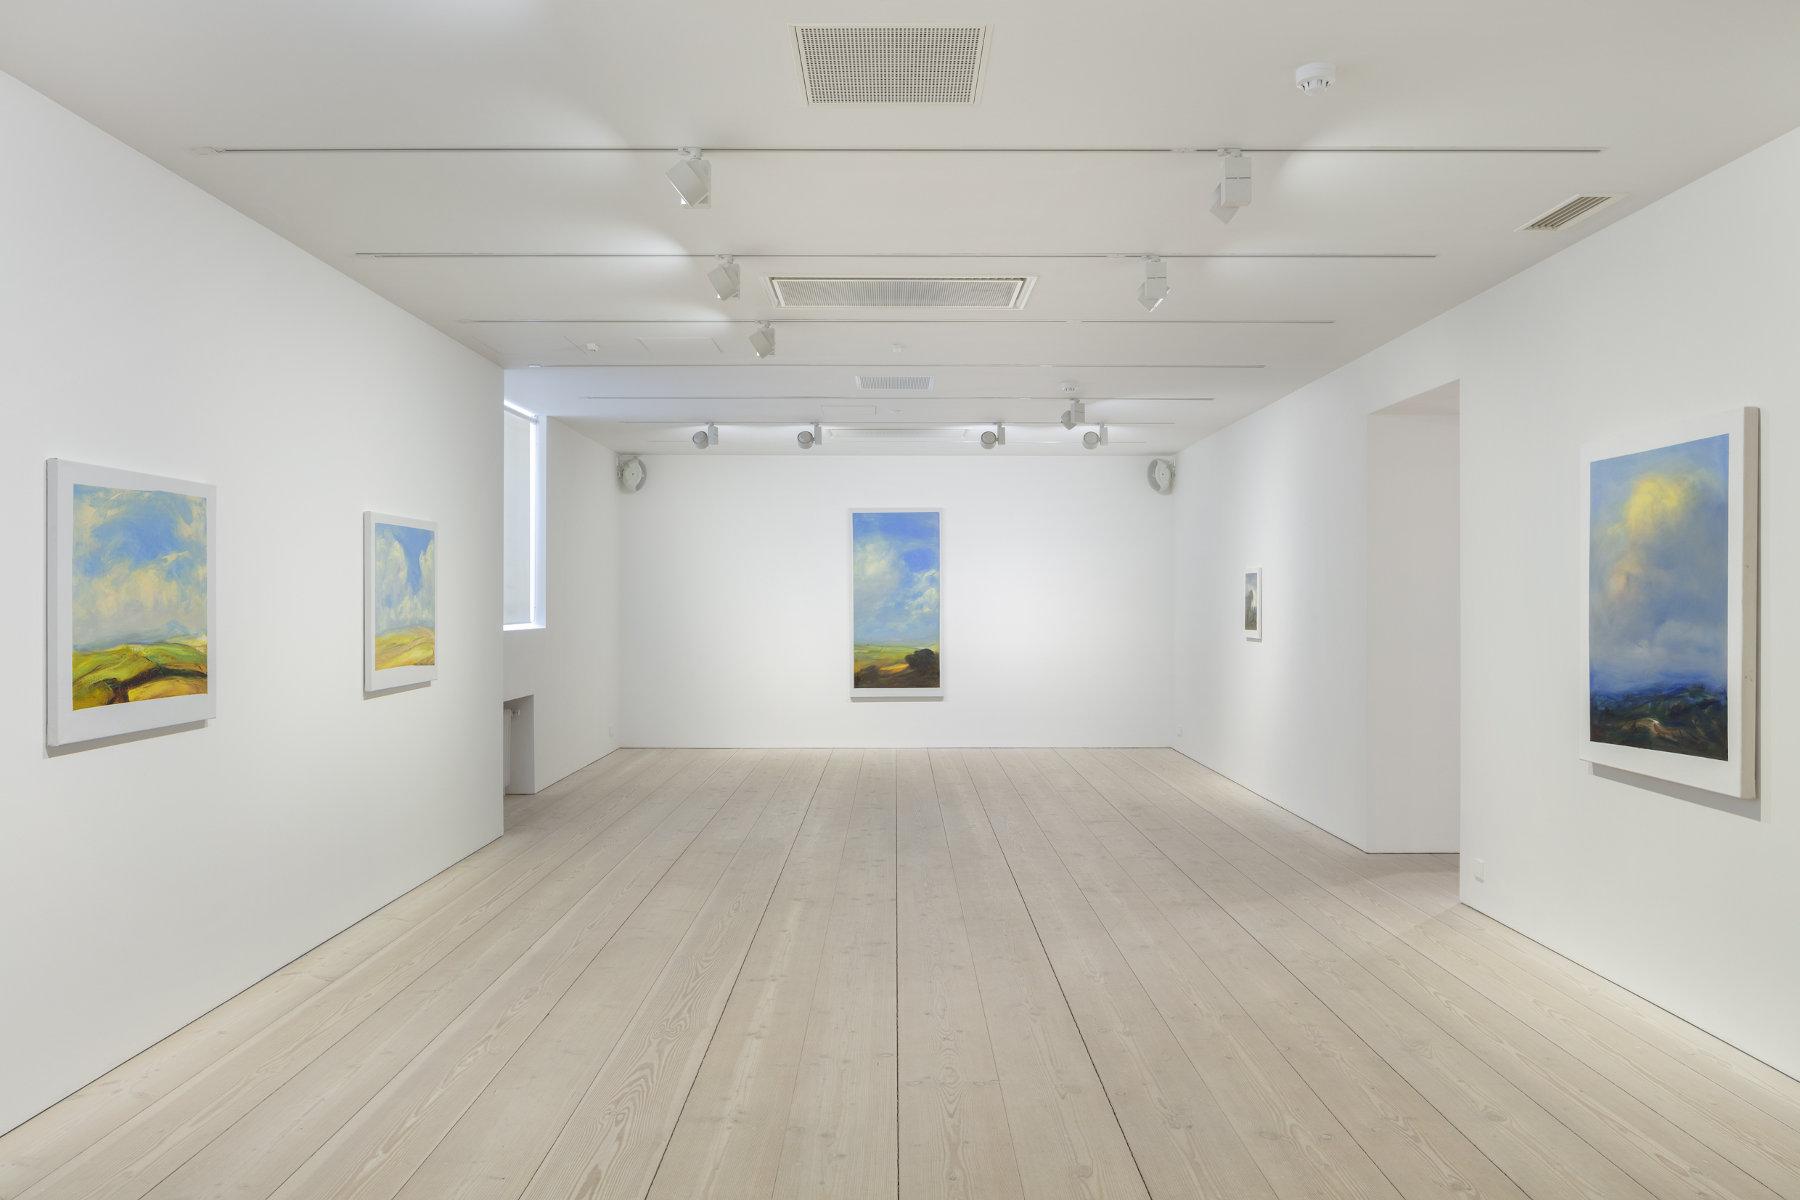 Galerie Forsblom Peter Frie 2